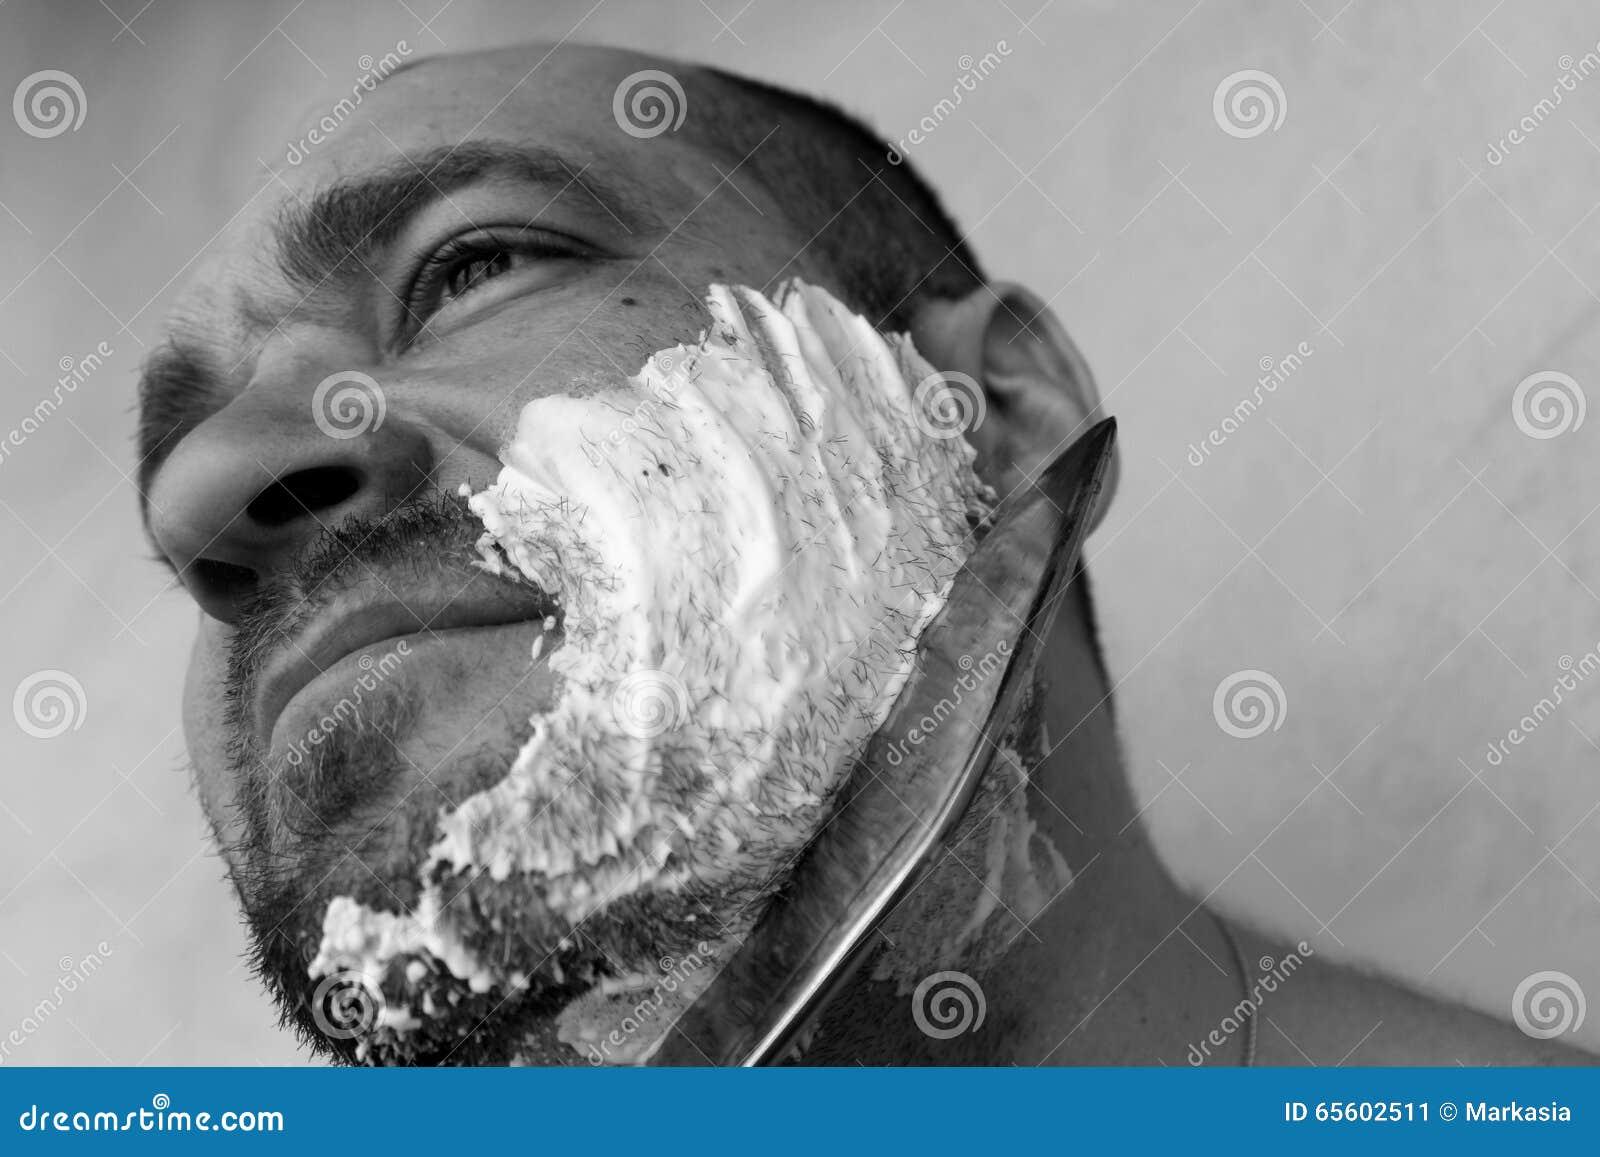 Mannen rakar hans skägg med en kniv